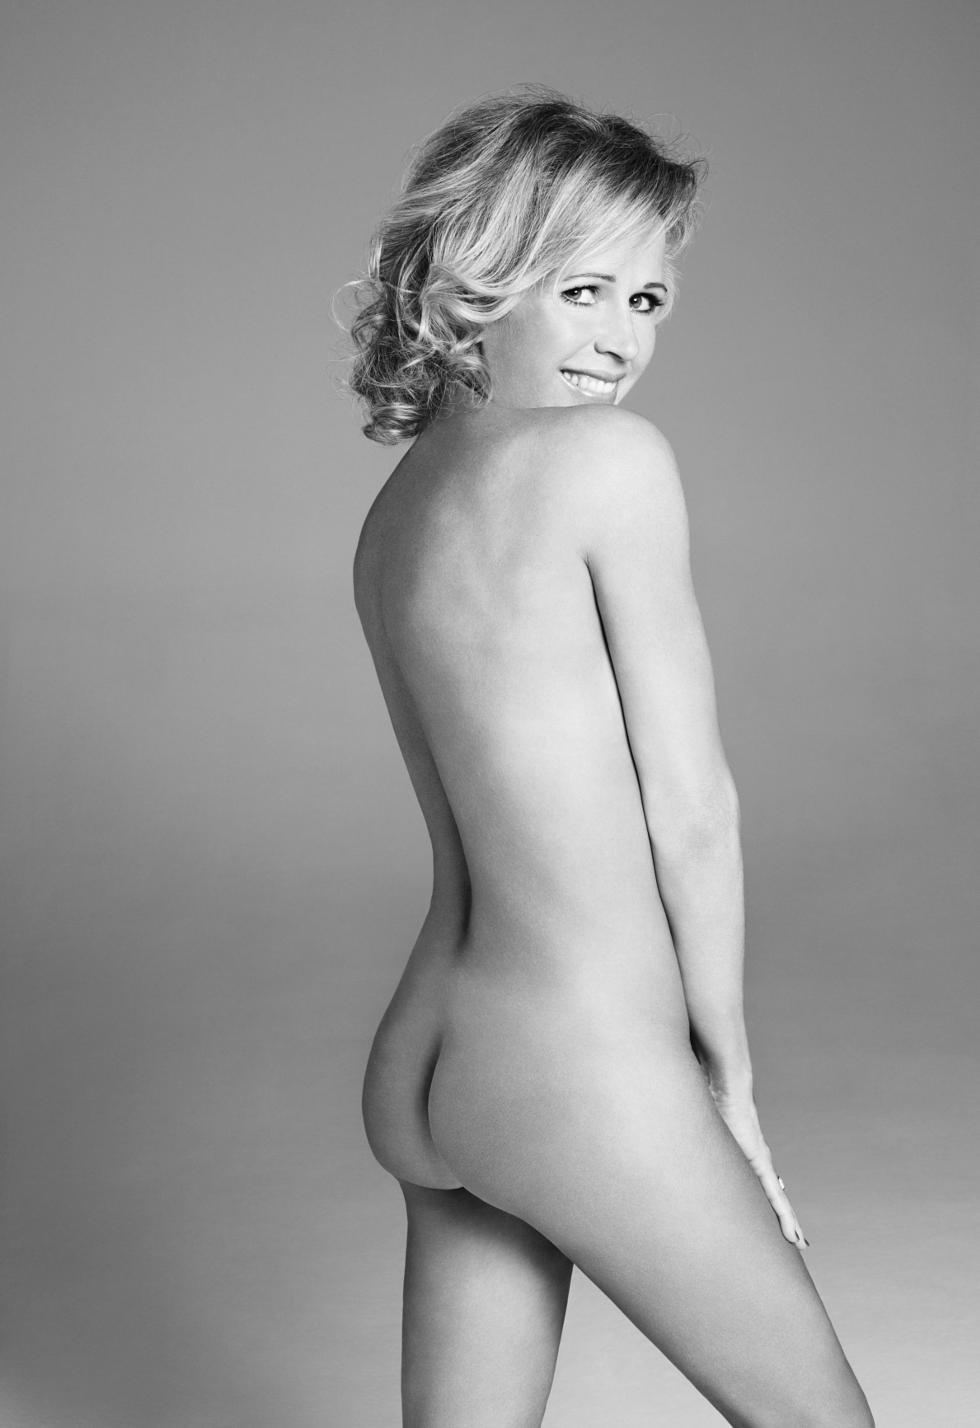 soap star nude sexy pics